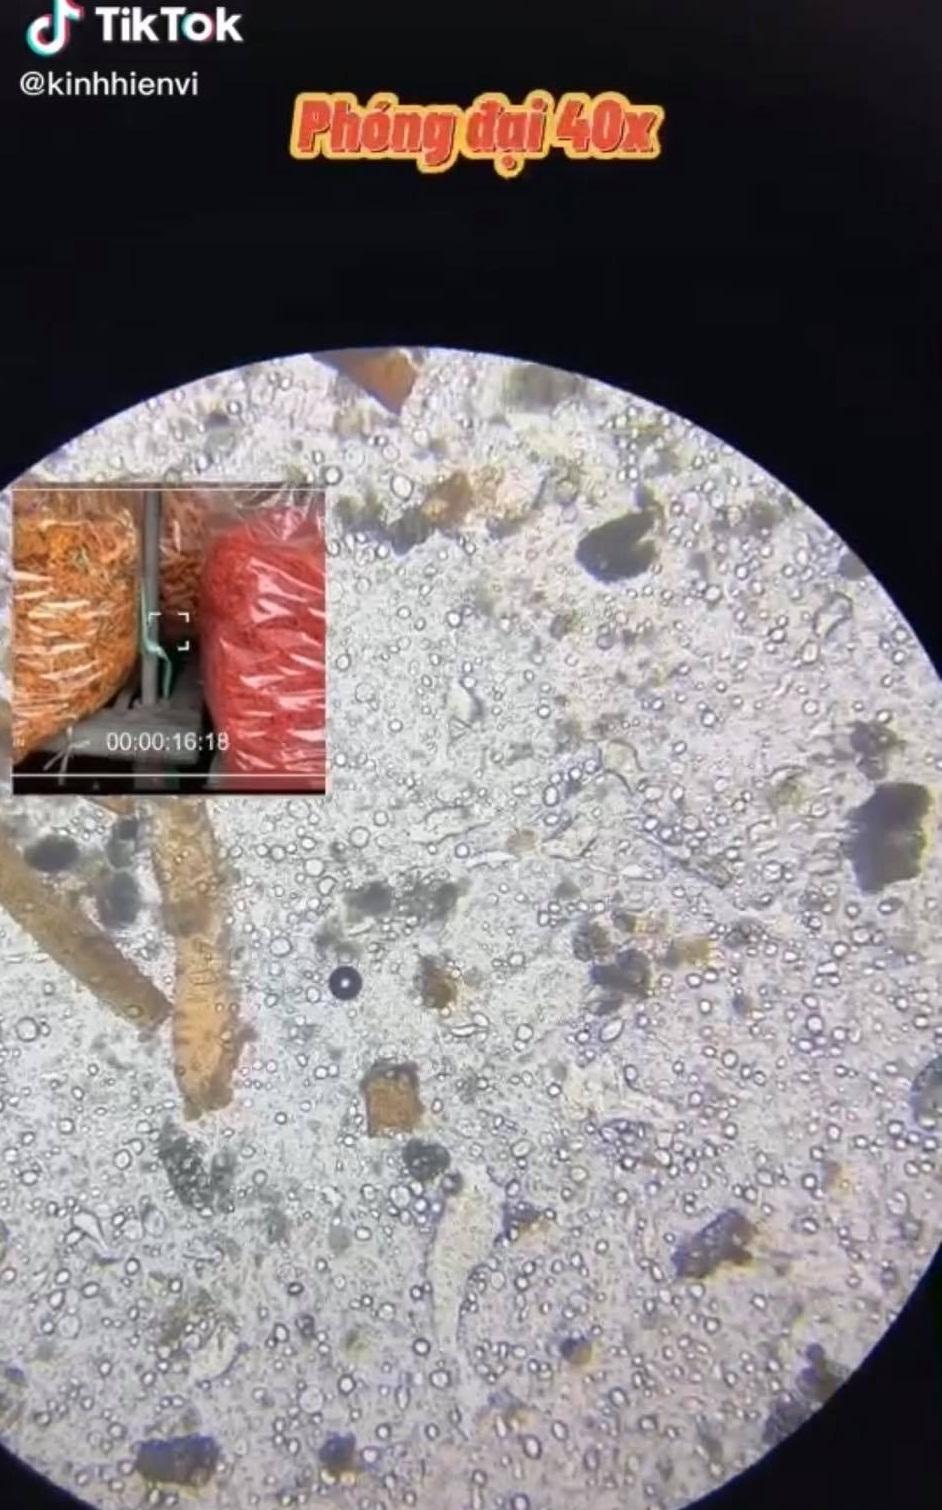 Soi bò khô siêu rẻ 170k/kg bán đầy ngoài chợ dưới kính hiển vi, phát hiện thứ nguyên liệu bất ngờ khiến nhiều người khiếp sợ